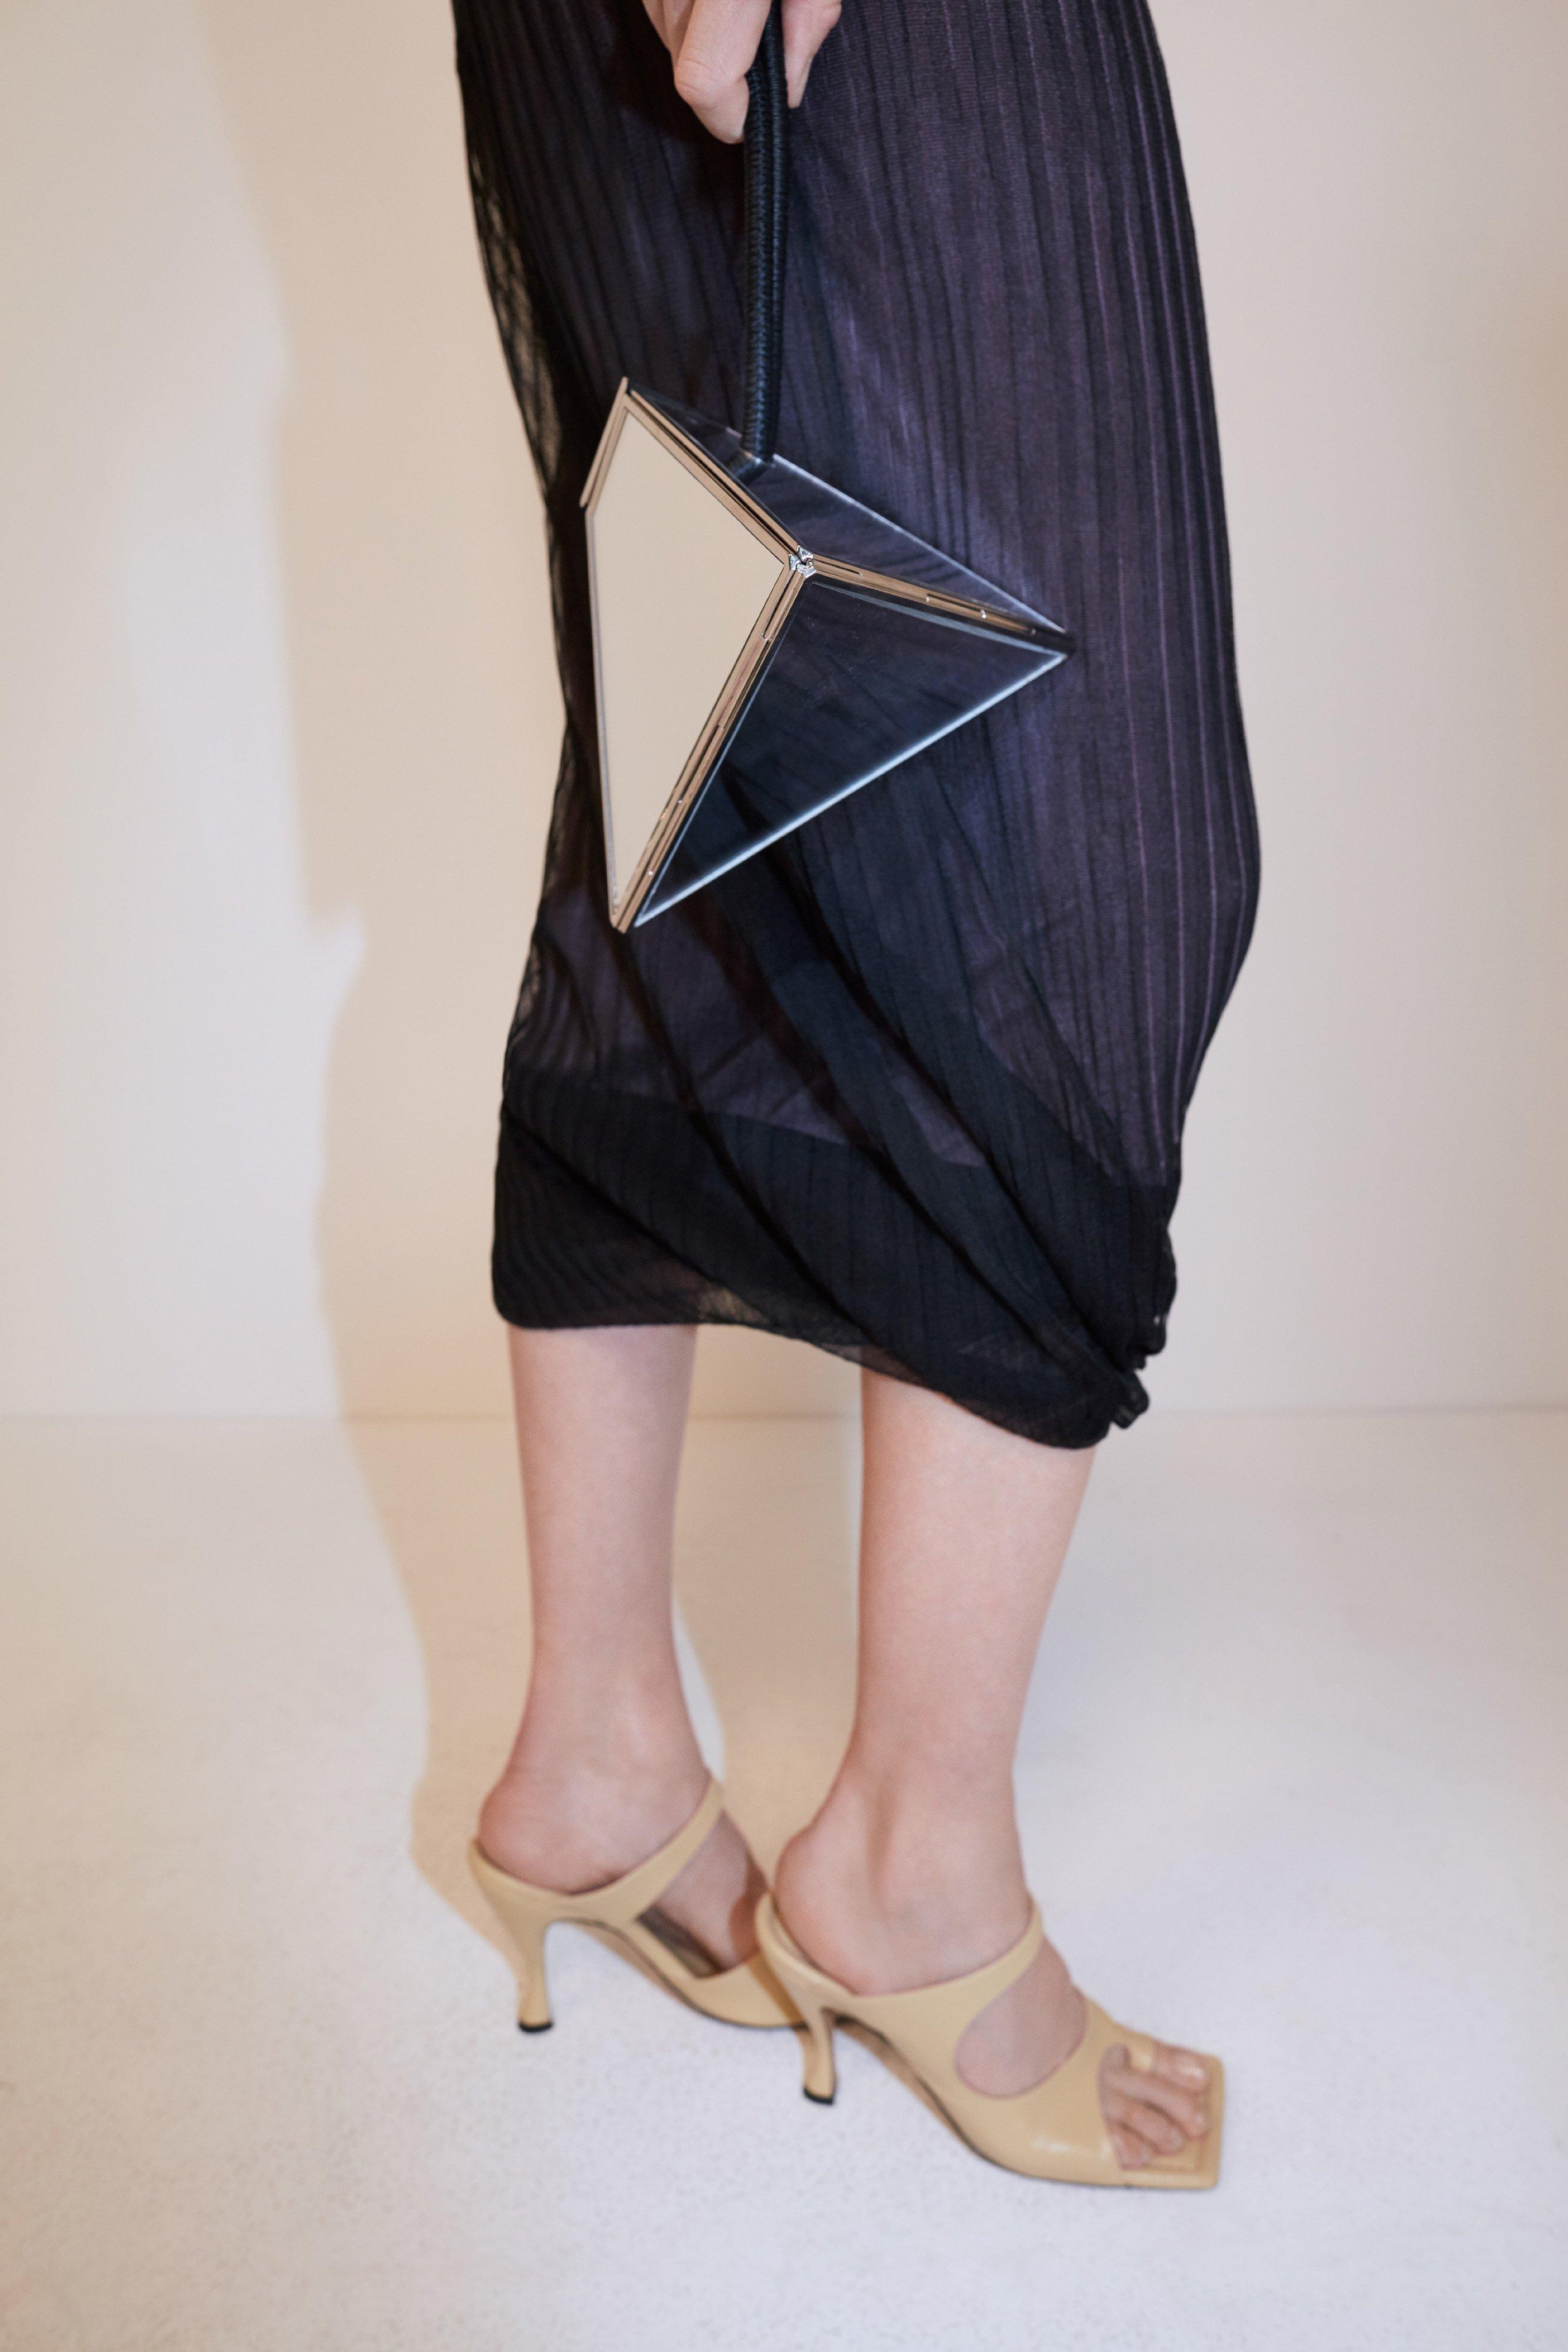 보테가 베네타 2020 프리 스프링 여성 컬렉션